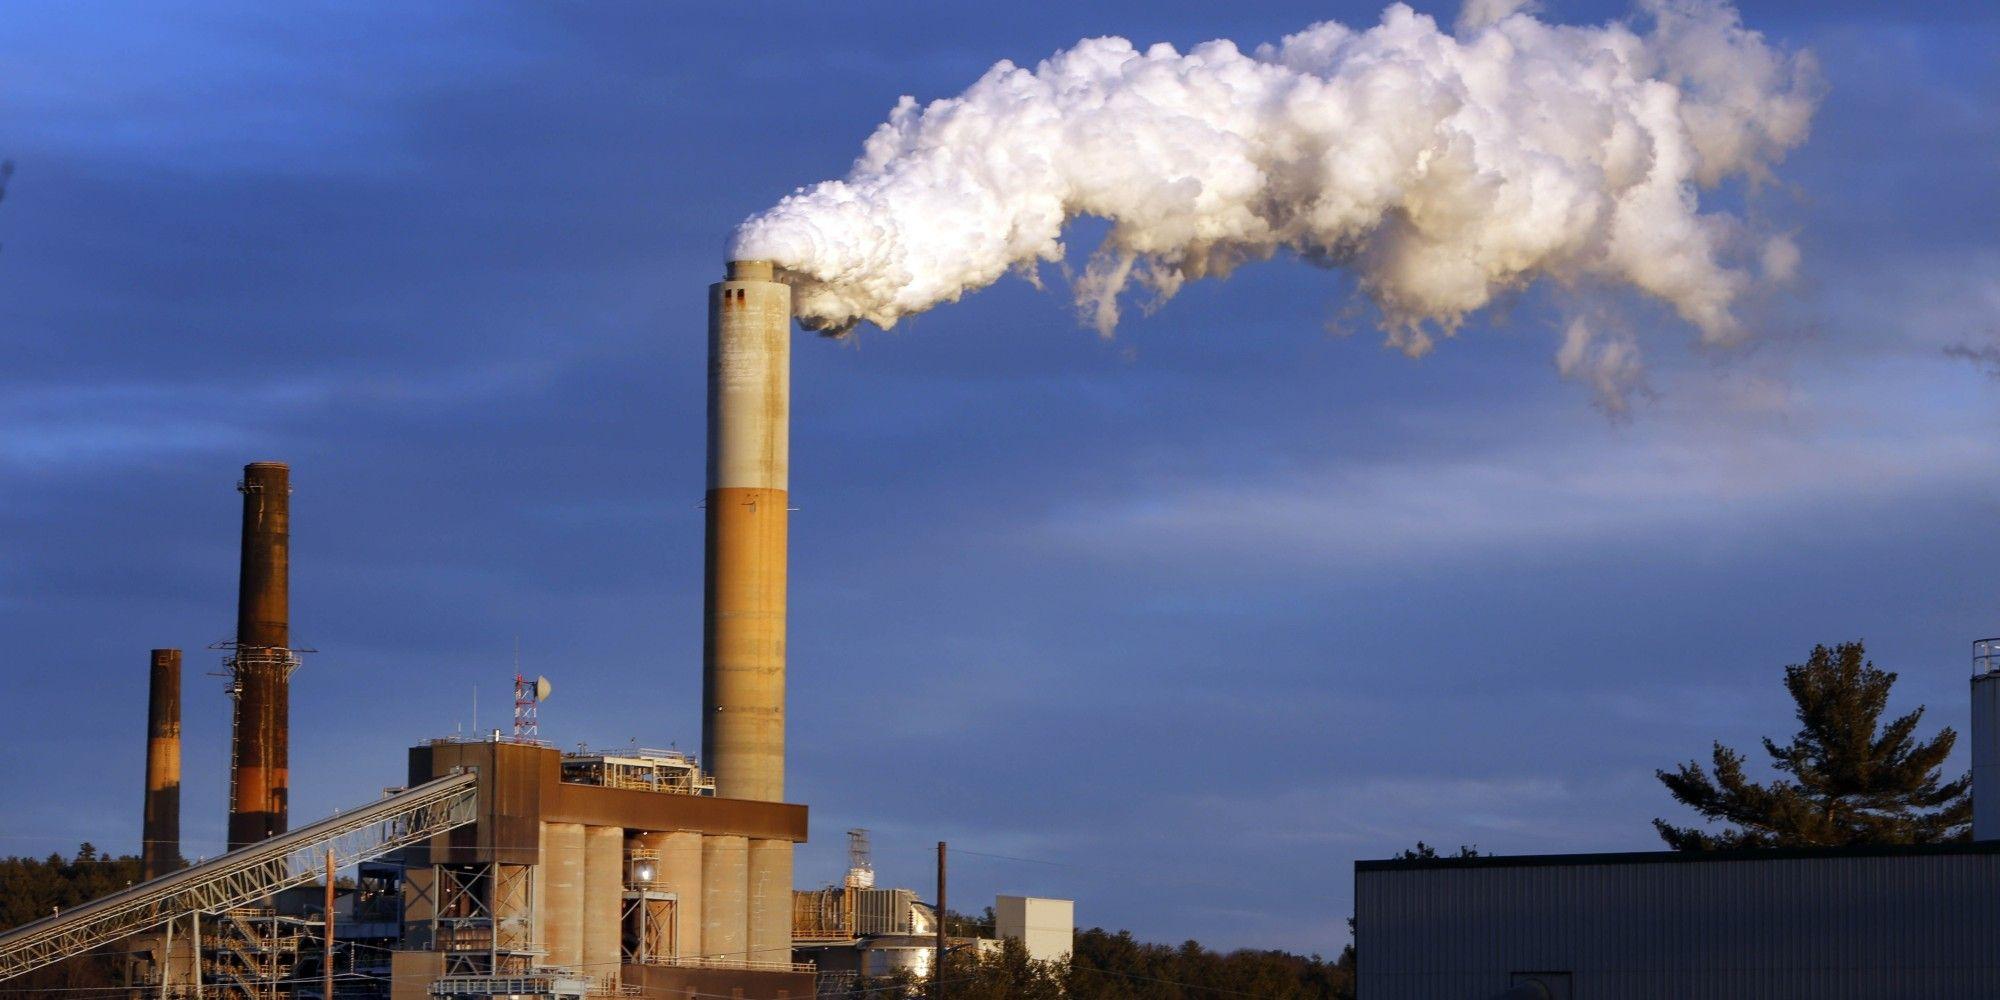 パリ協定の発効 温暖化問題をビジネスチャンスへ - ハフィントンポスト